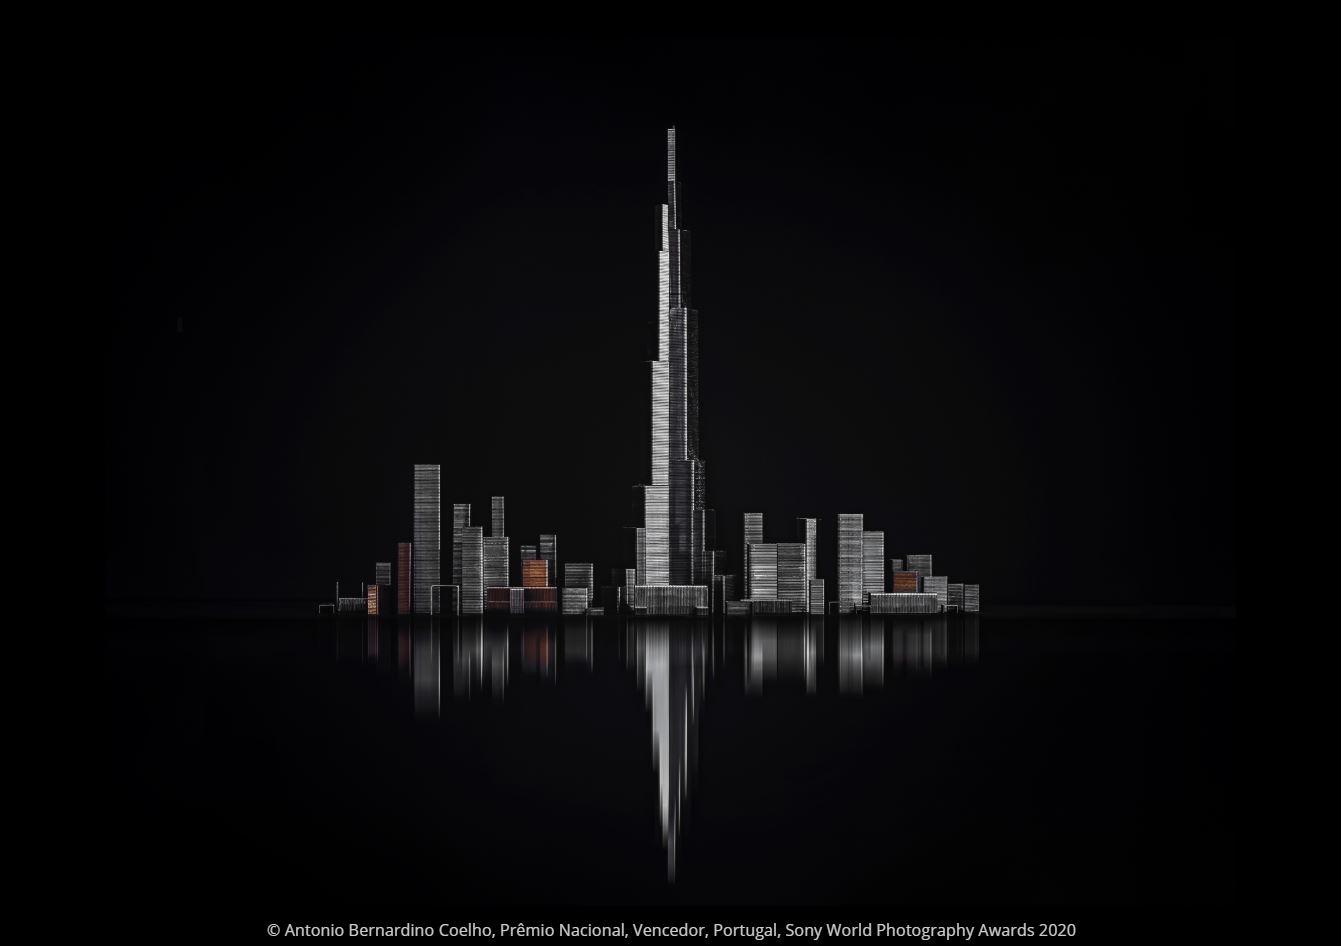 © Antonio Bernardino Coelho, National Award, Winner, Portugal, 2020 Sony World Photography Awards